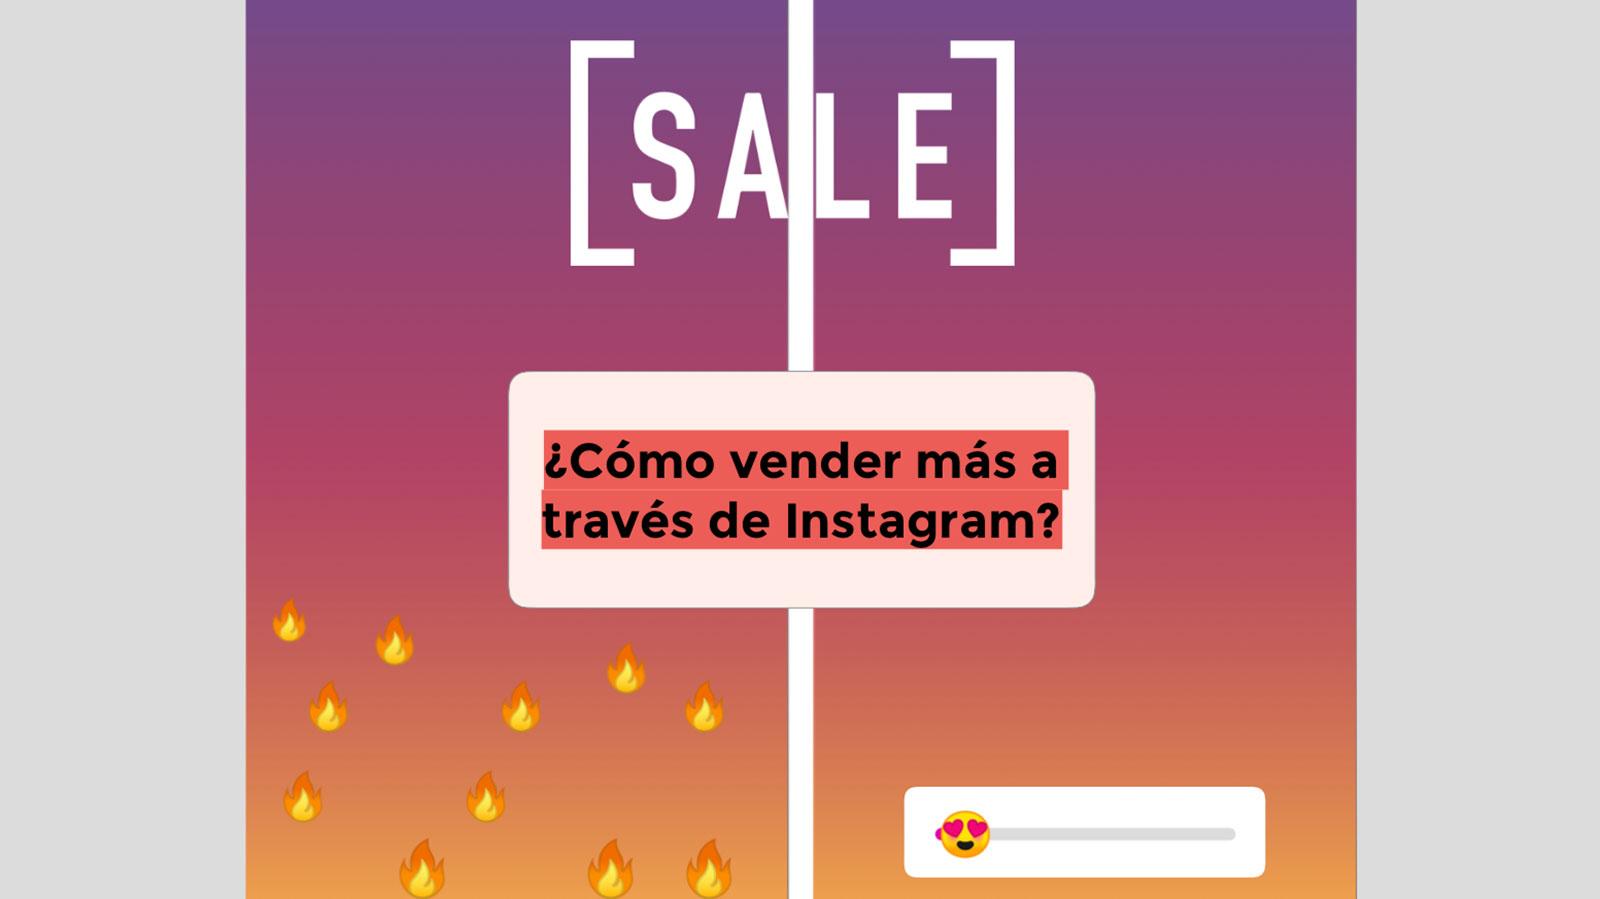 Cómo vender más a través de Instagram